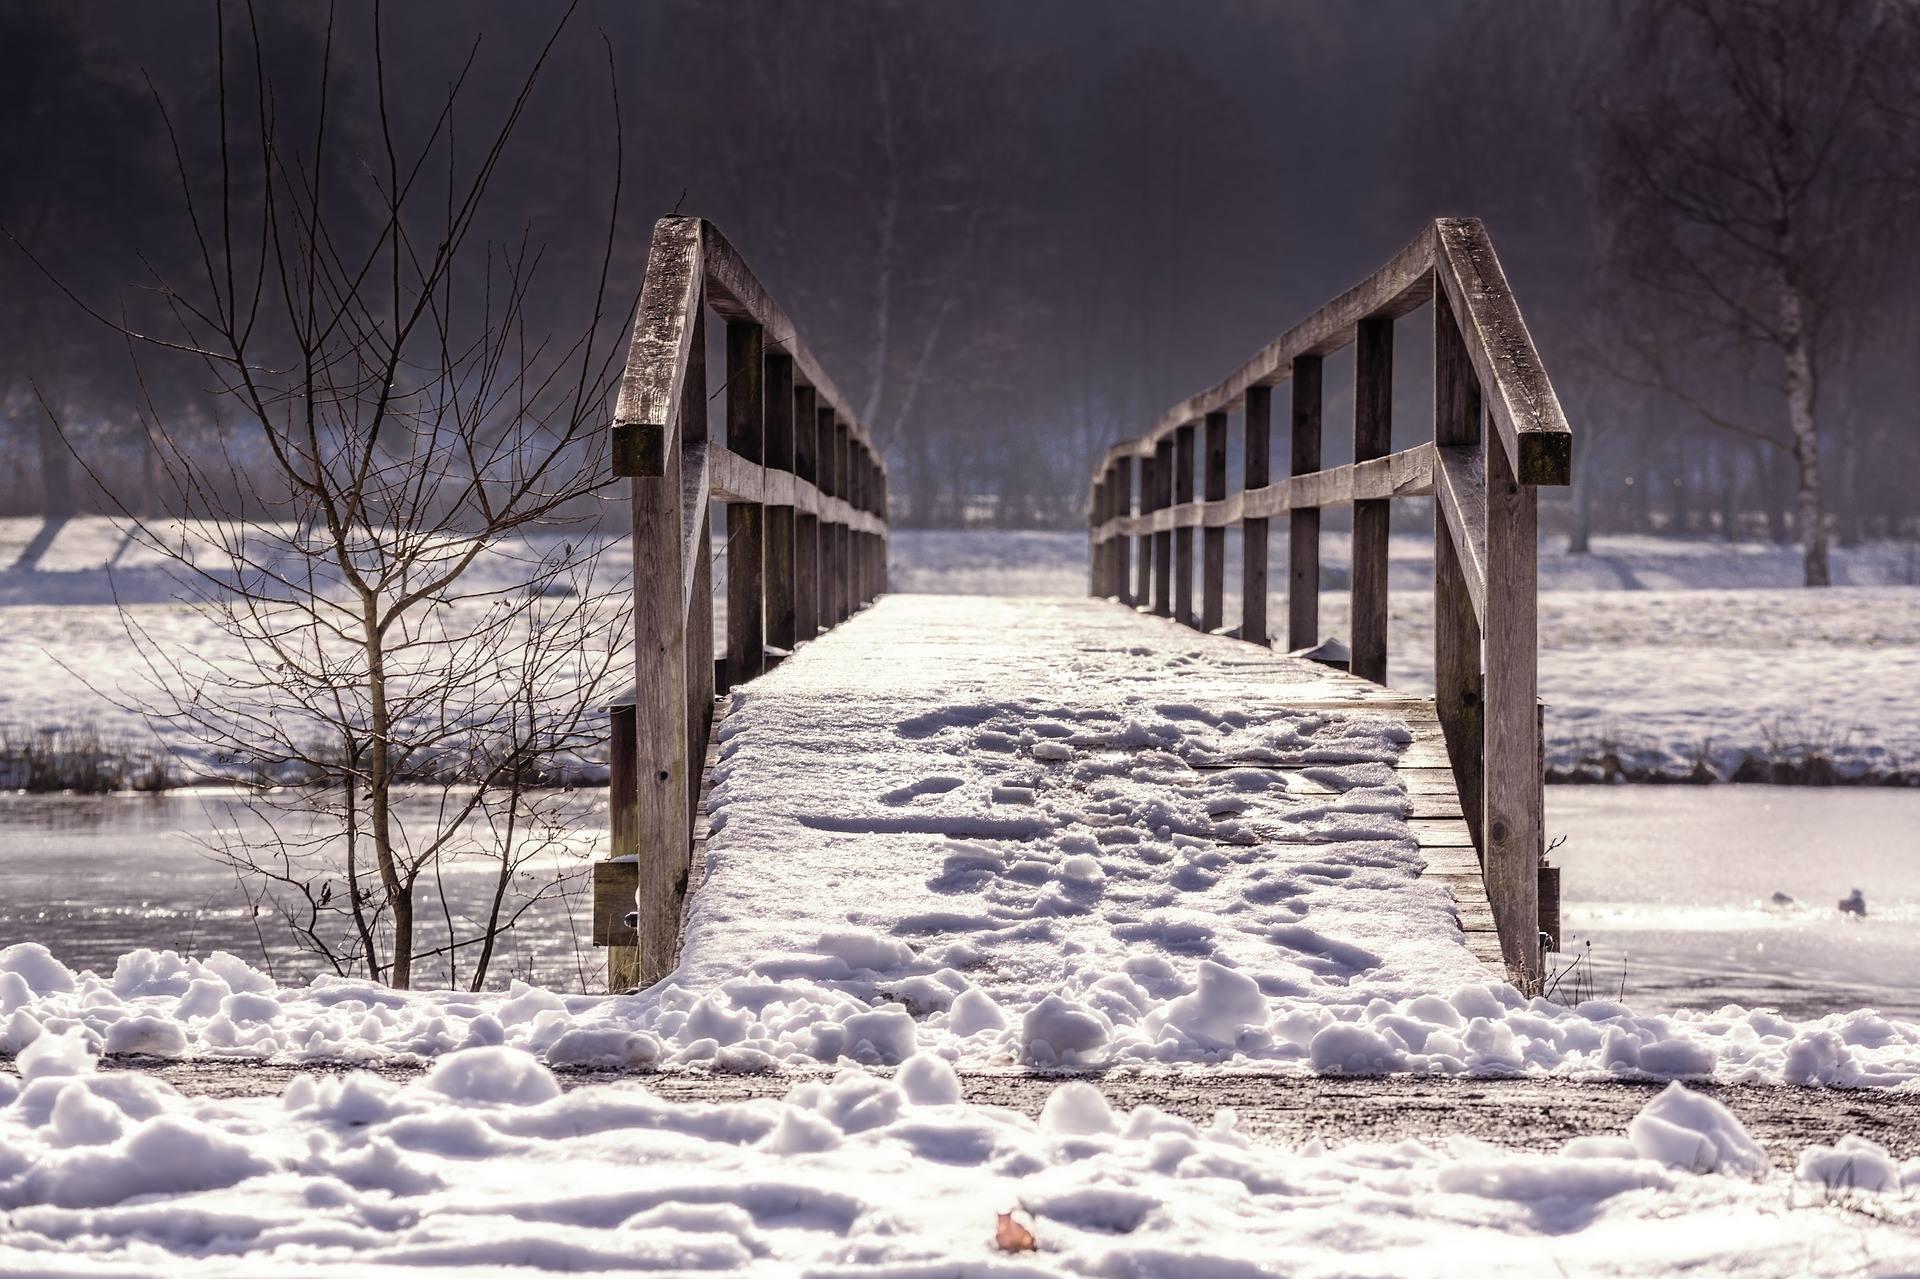 winter snow river bridge ice